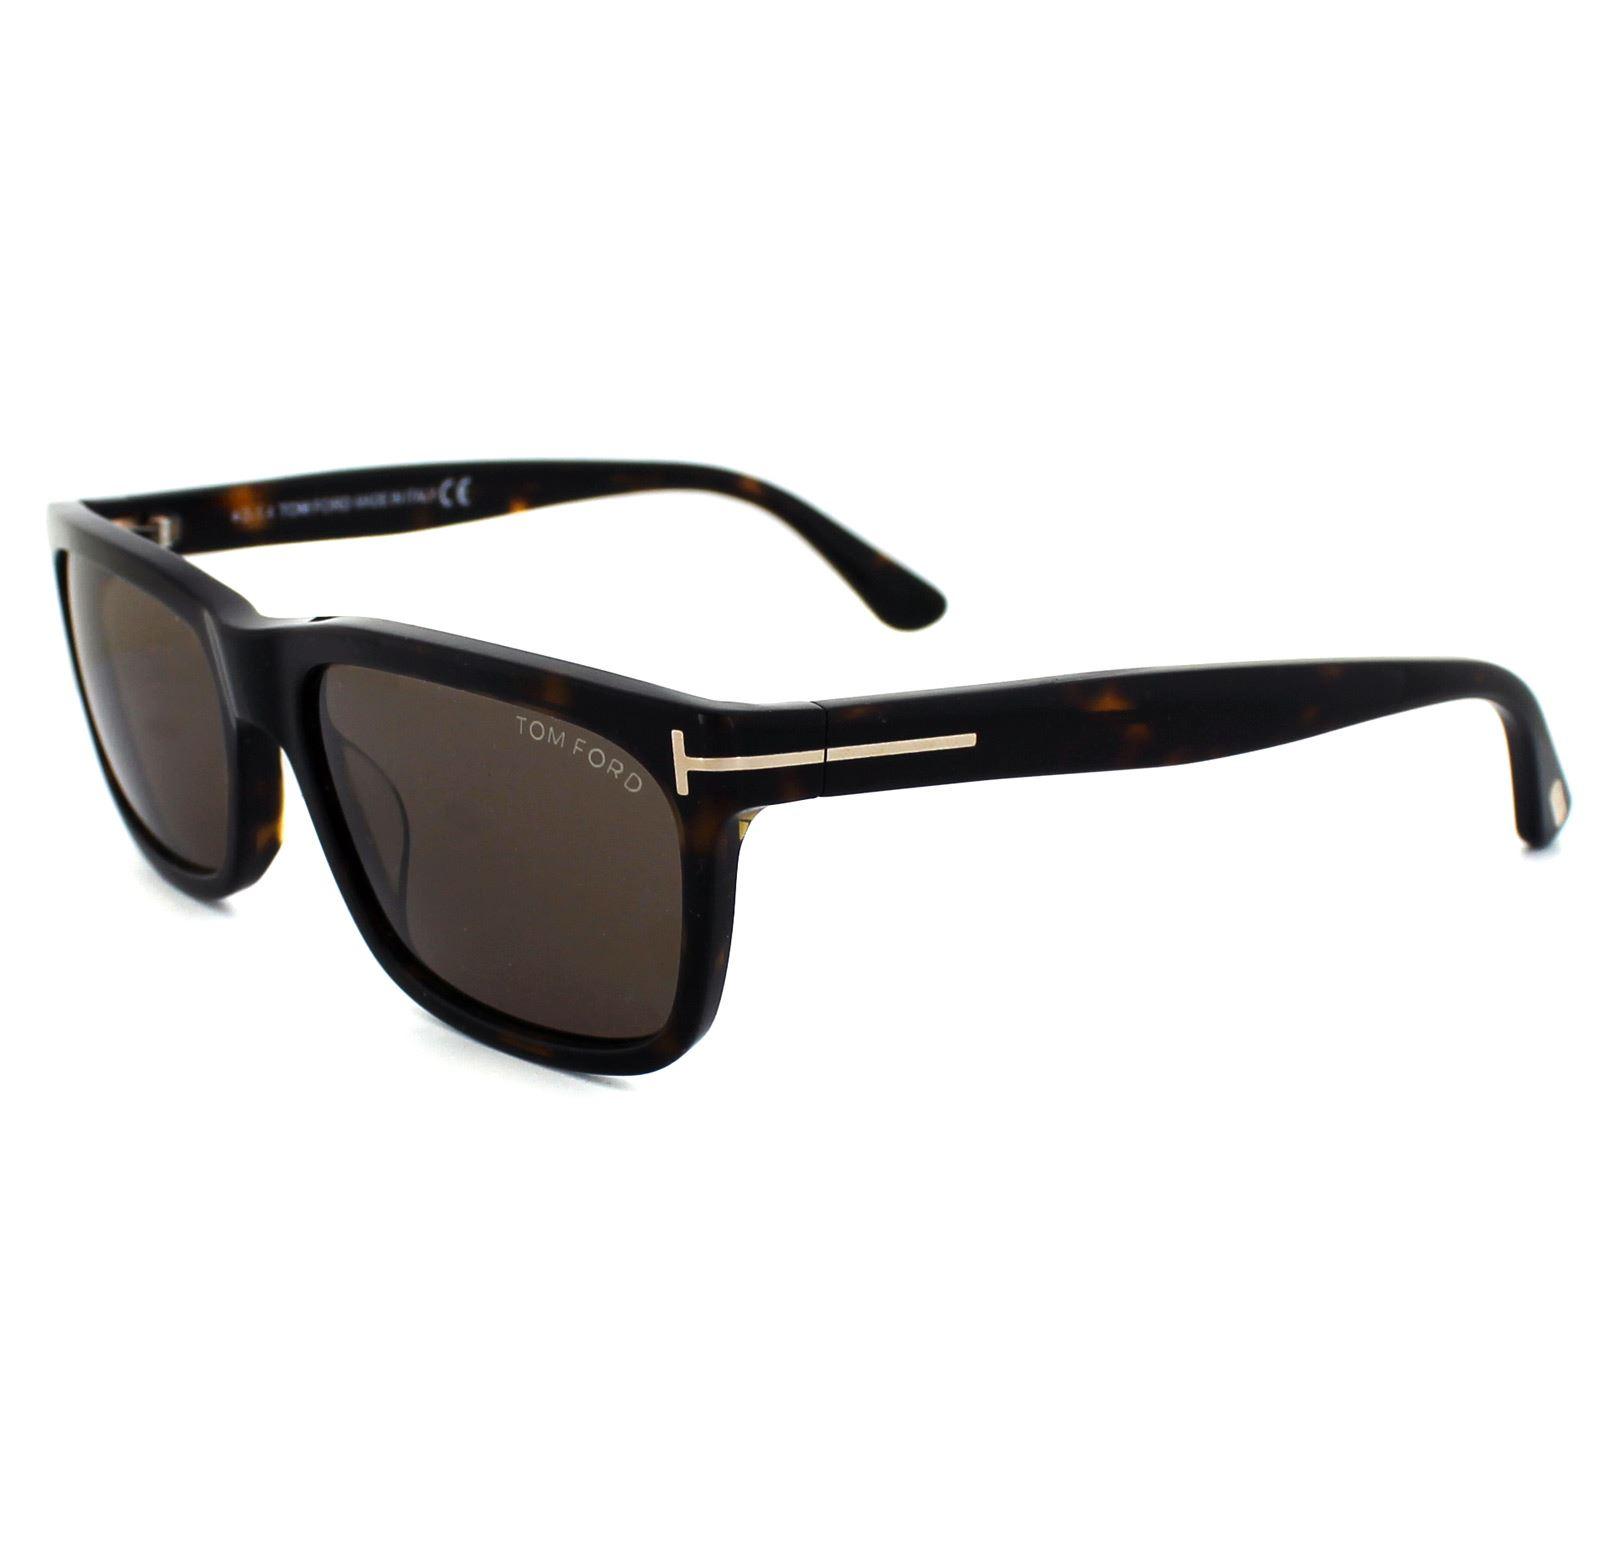 Tom Ford Sunglasses 0337 Hugh 56j Havana Roviex Brown 664689602971 Ebay